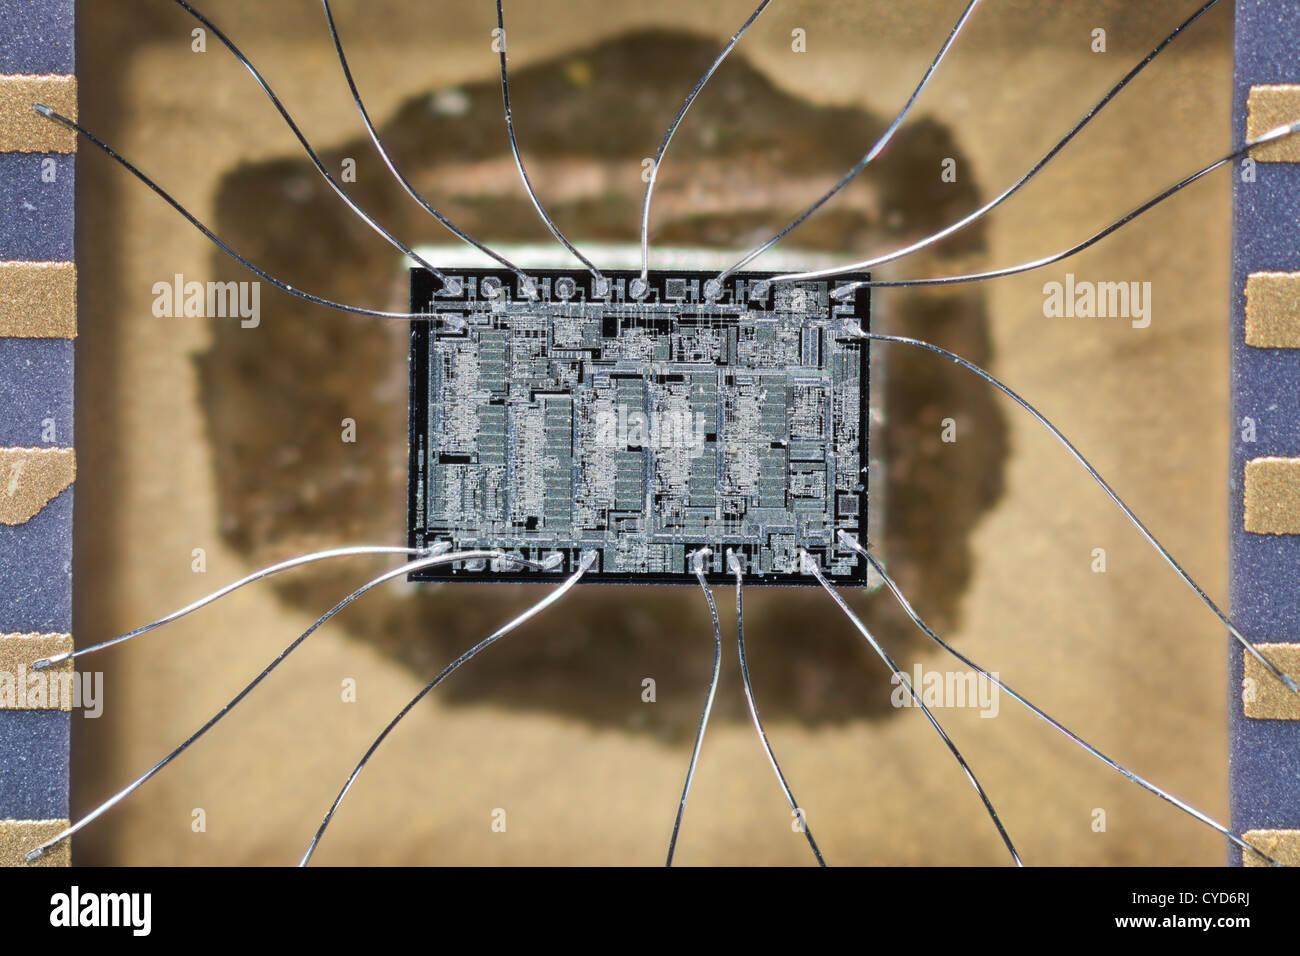 Unidade de disco rígido de circuitos integrados de chip de silício, chip com conexão de fios de prata Imagens de Stock